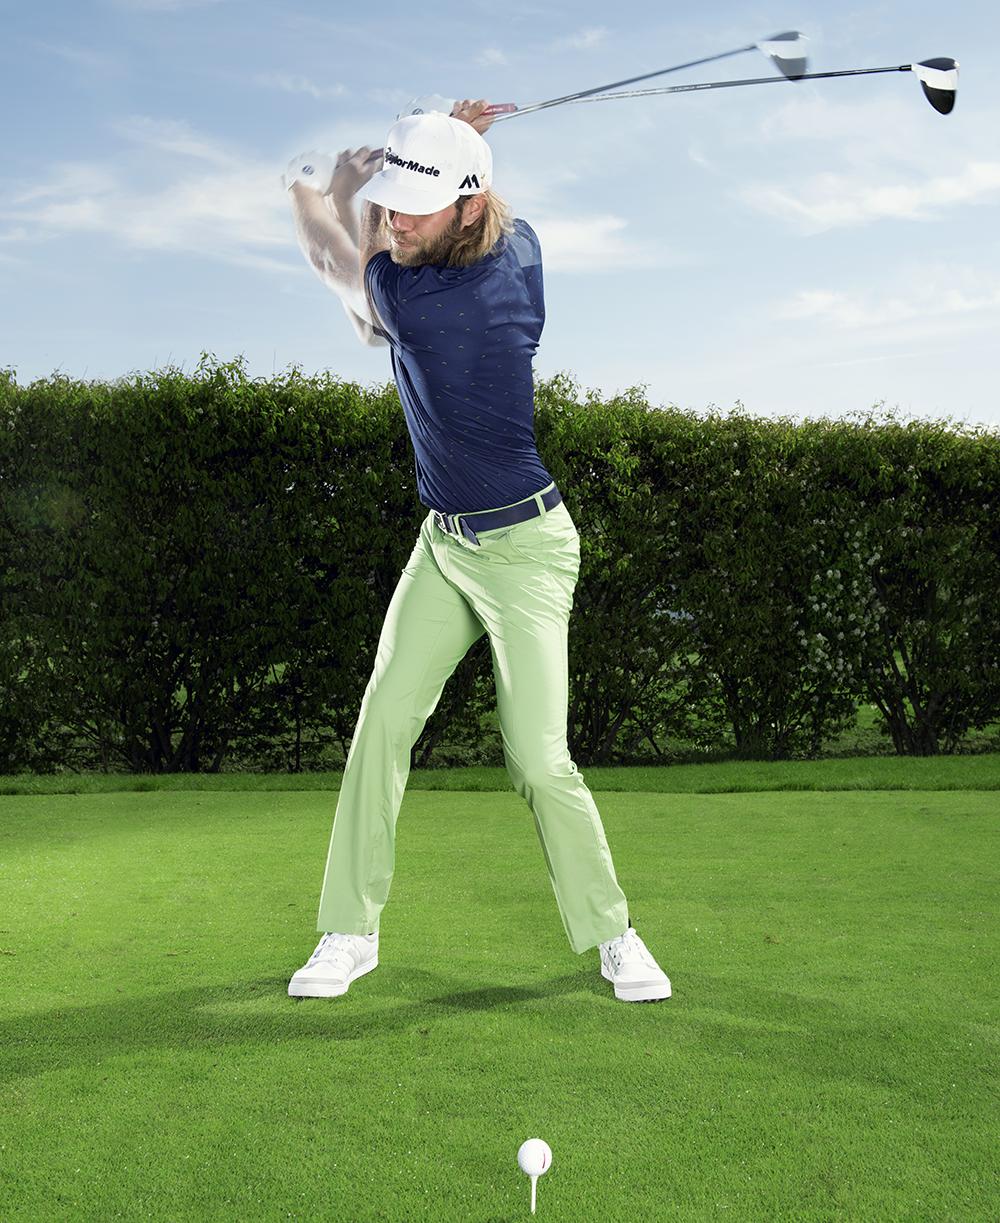 hur långt slår man med golfklubbor